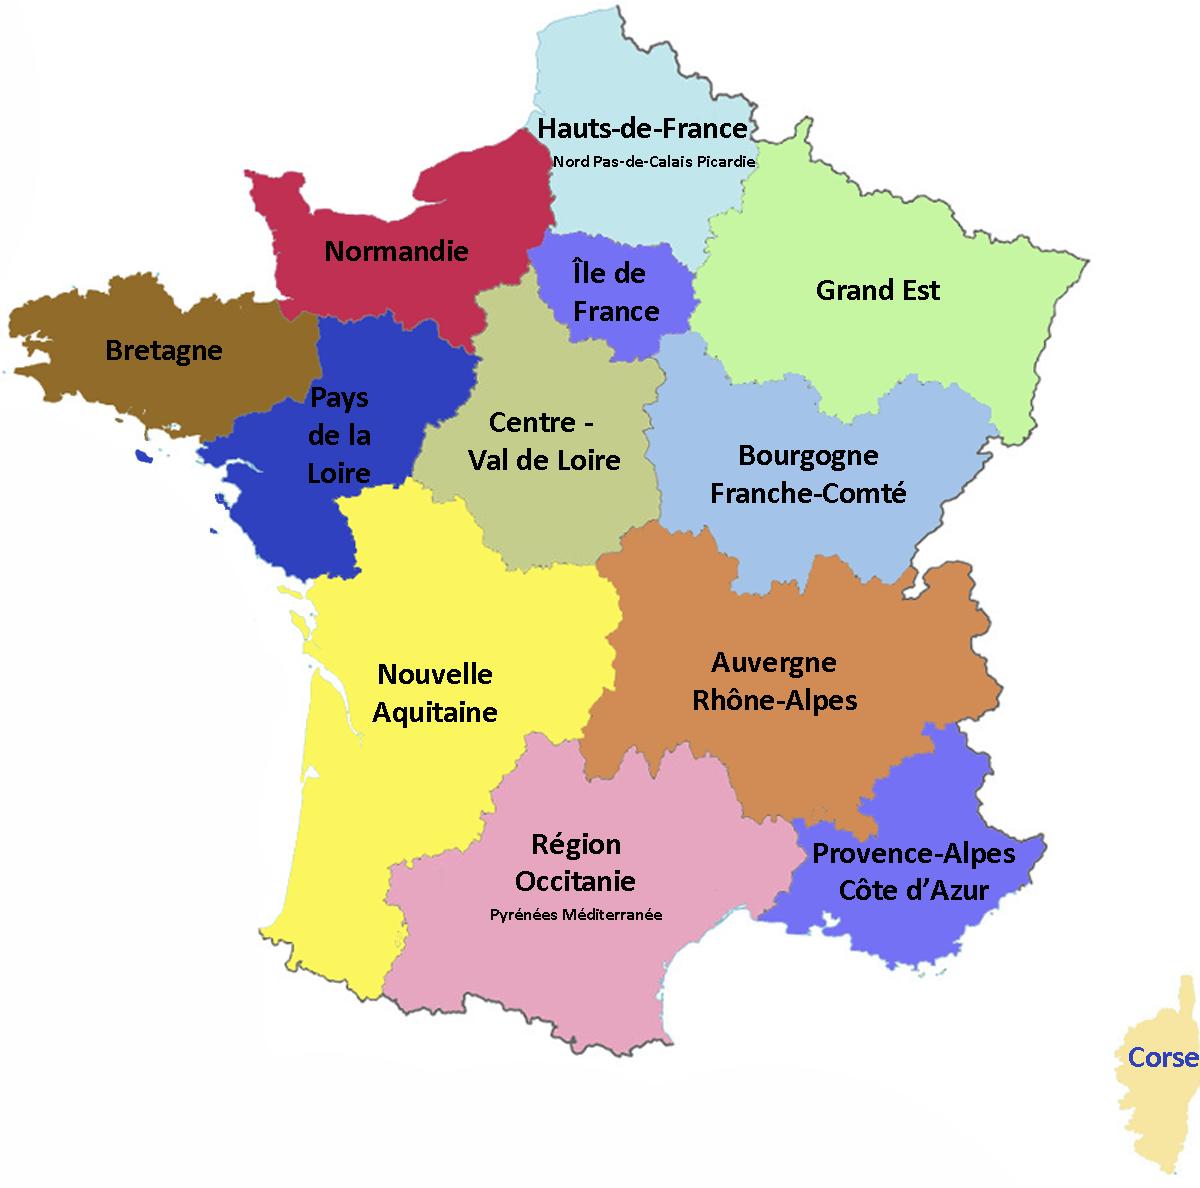 Les Fromages Aoc-Aop De France - Carte Interactive 2018 à Liste Des Régions Françaises